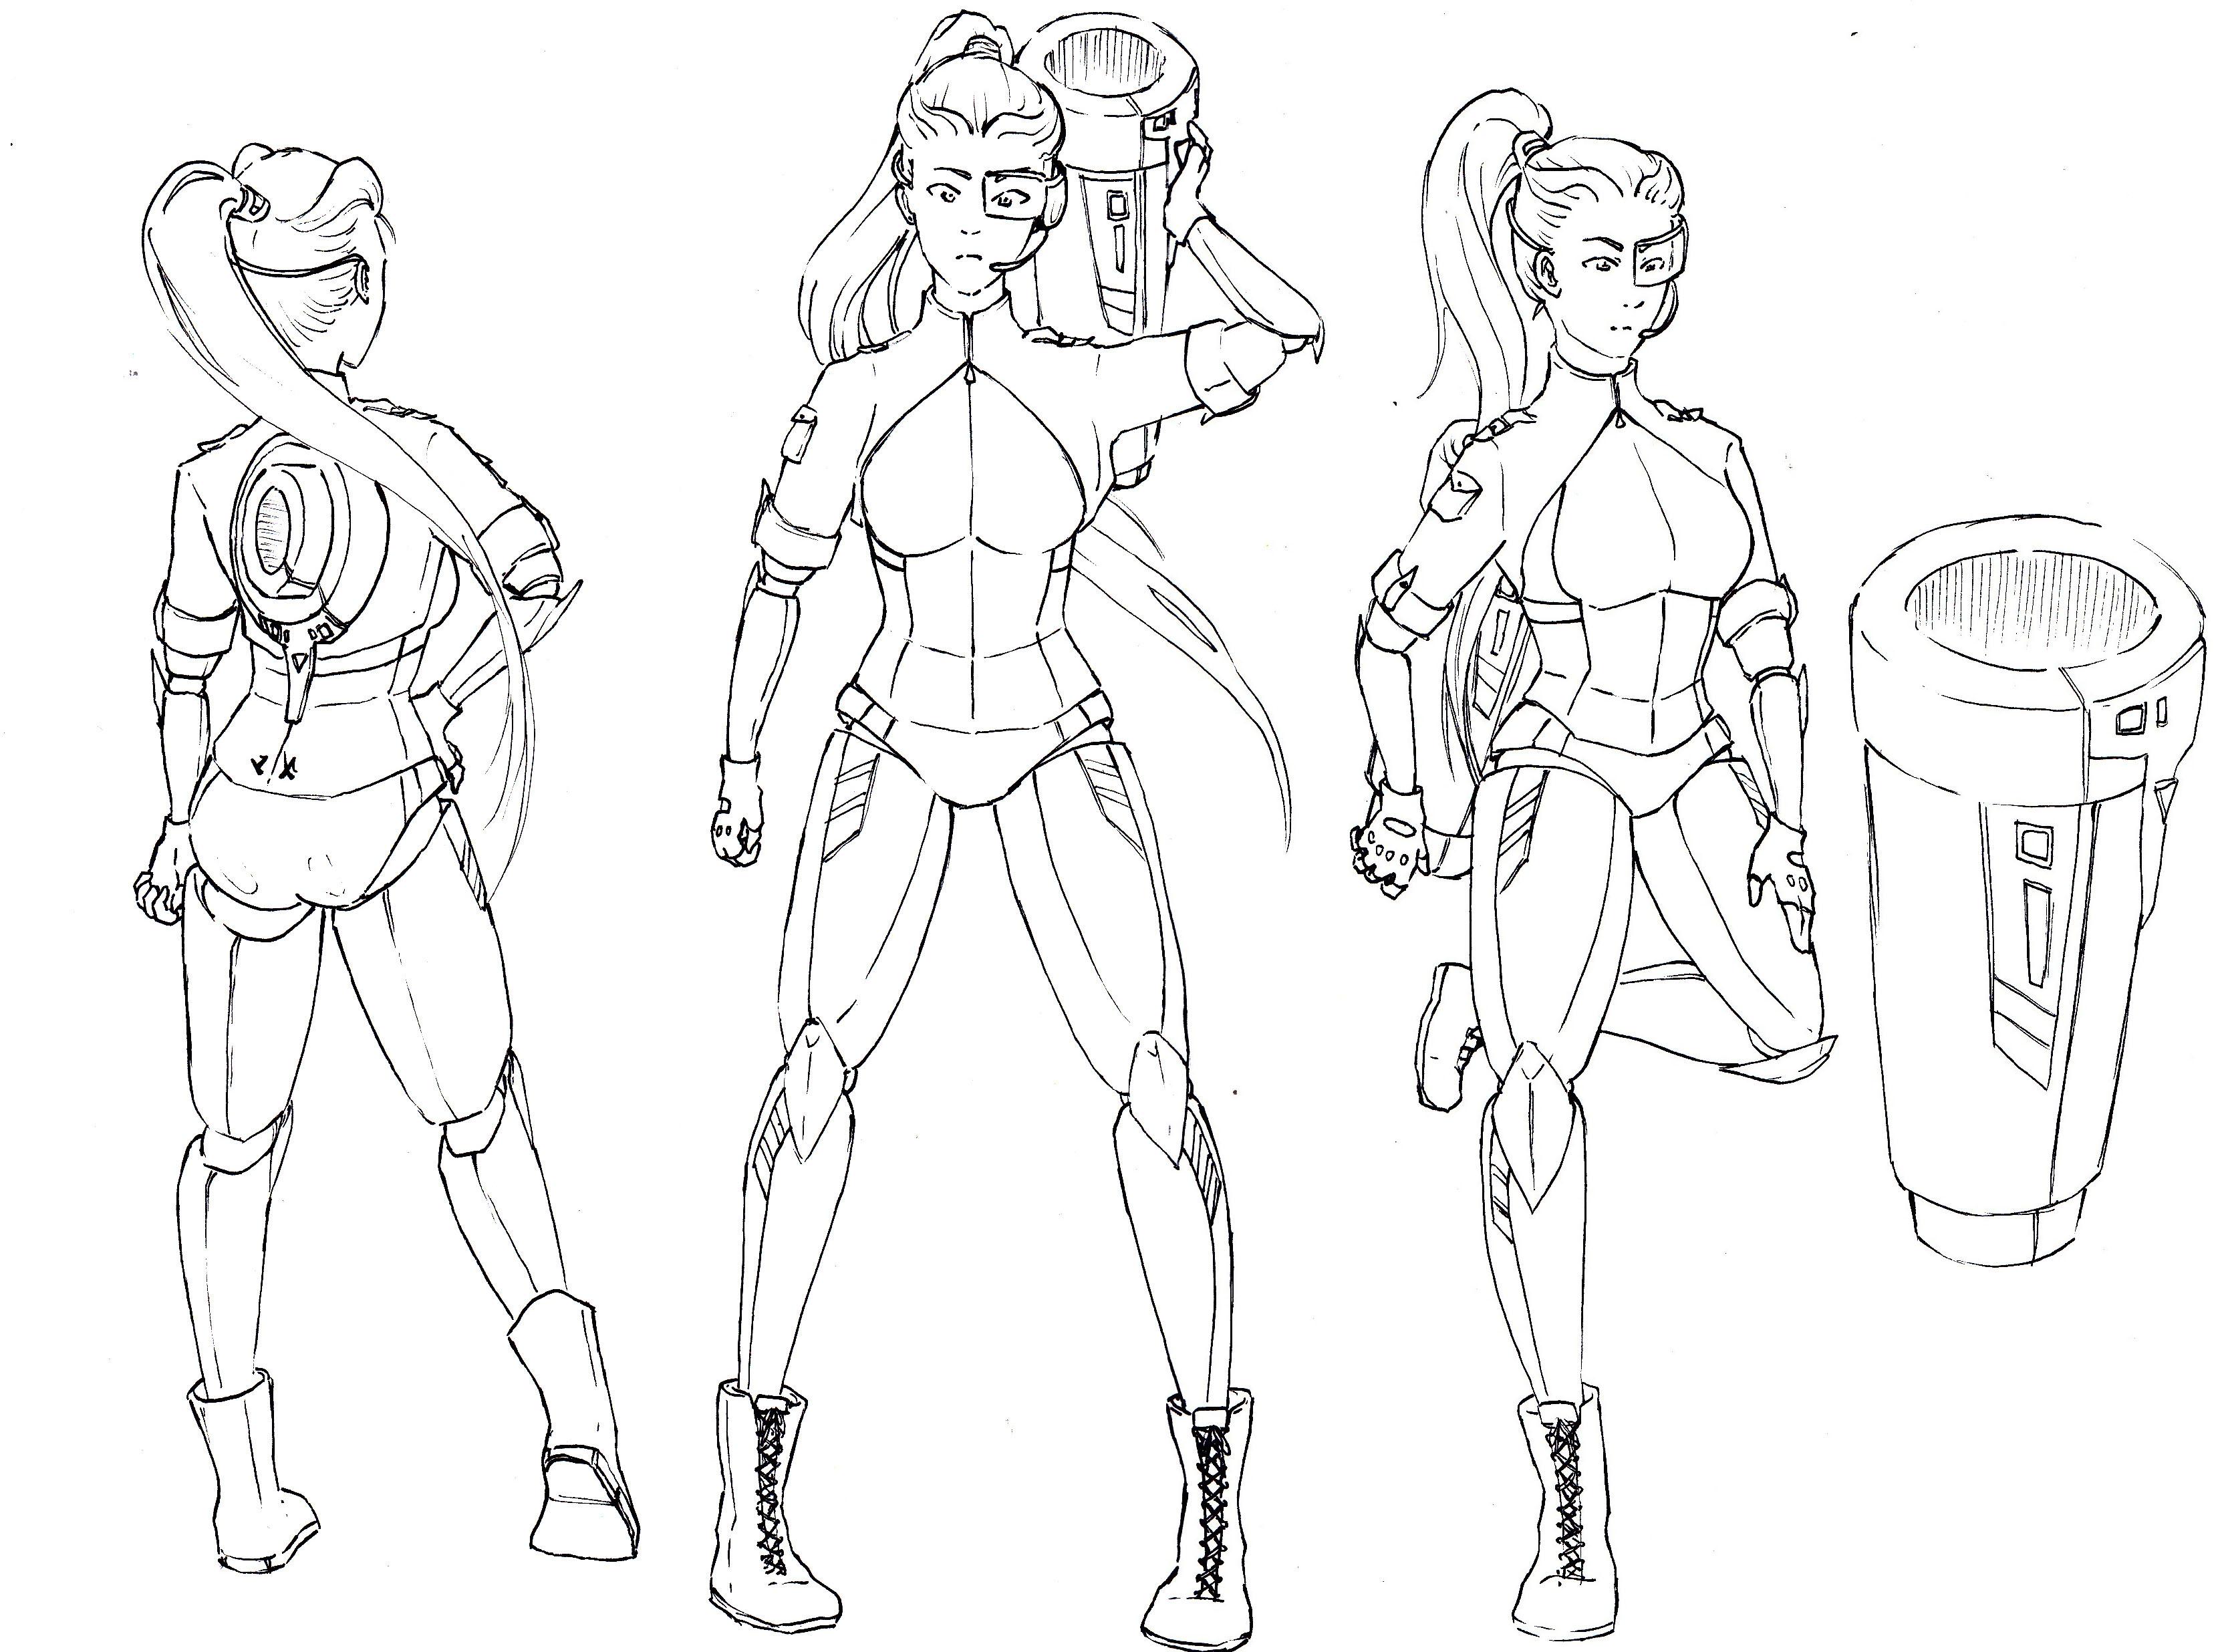 Cyborg Girl - Entwicklungsprozess 07